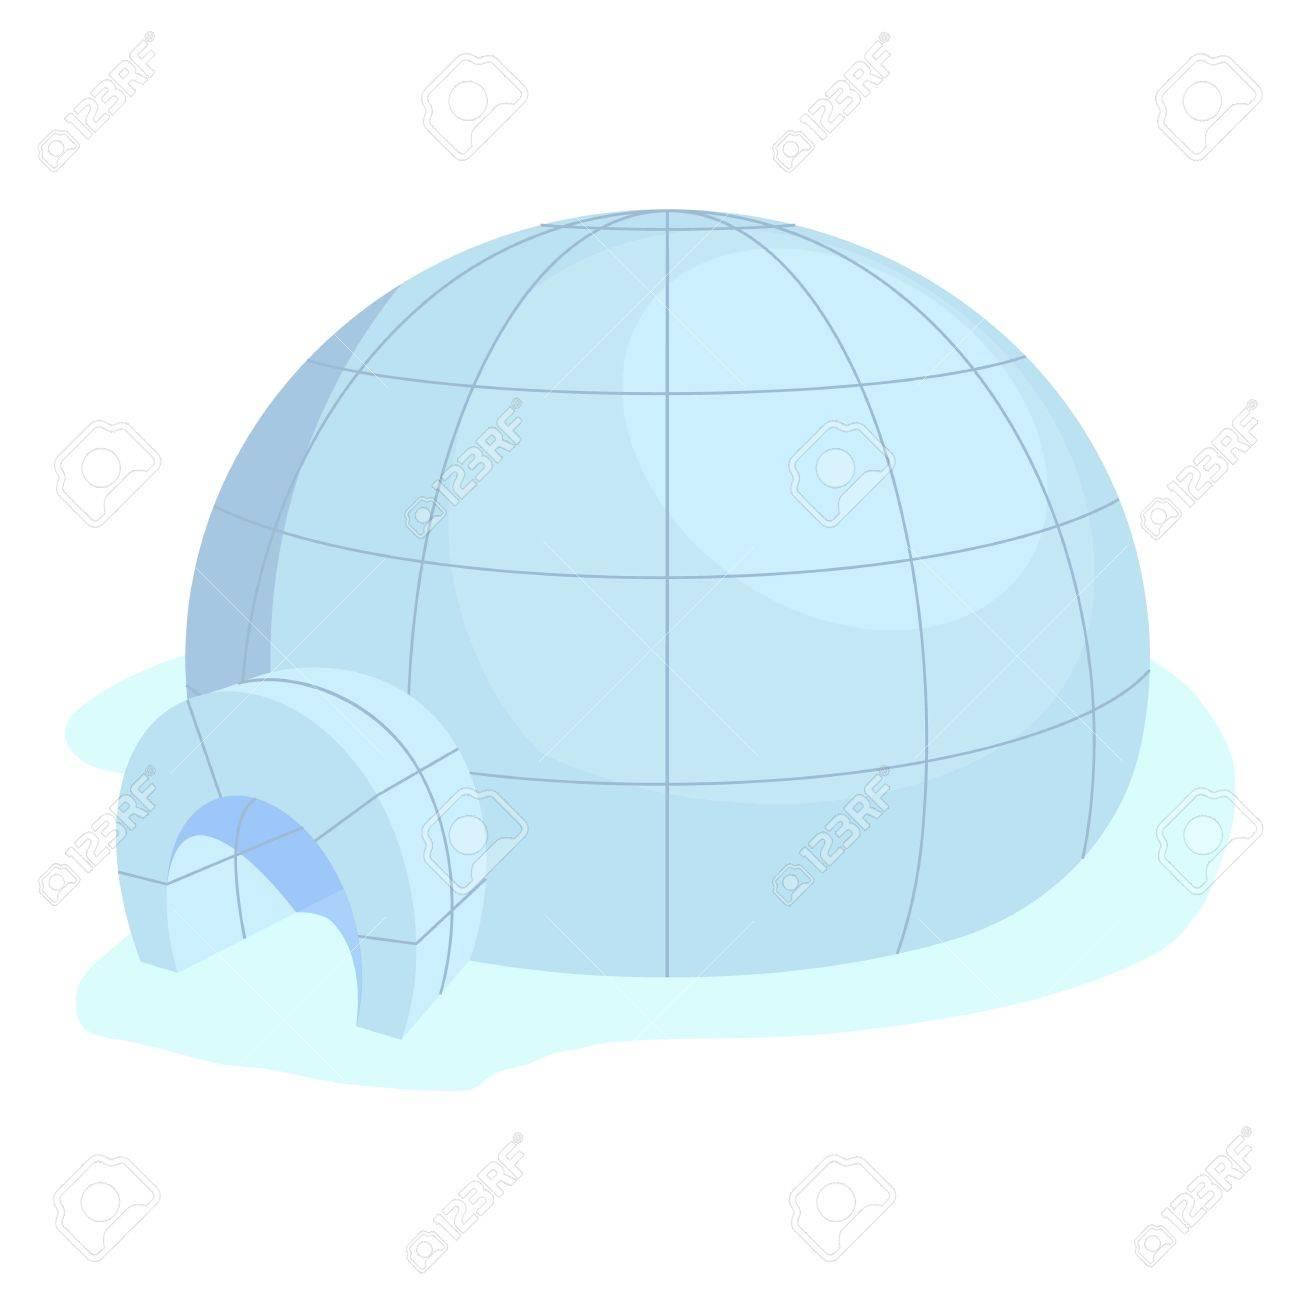 Icono De Iglú Ilustración De Dibujos Animados De Vectores Icono De Iglú Para La Web